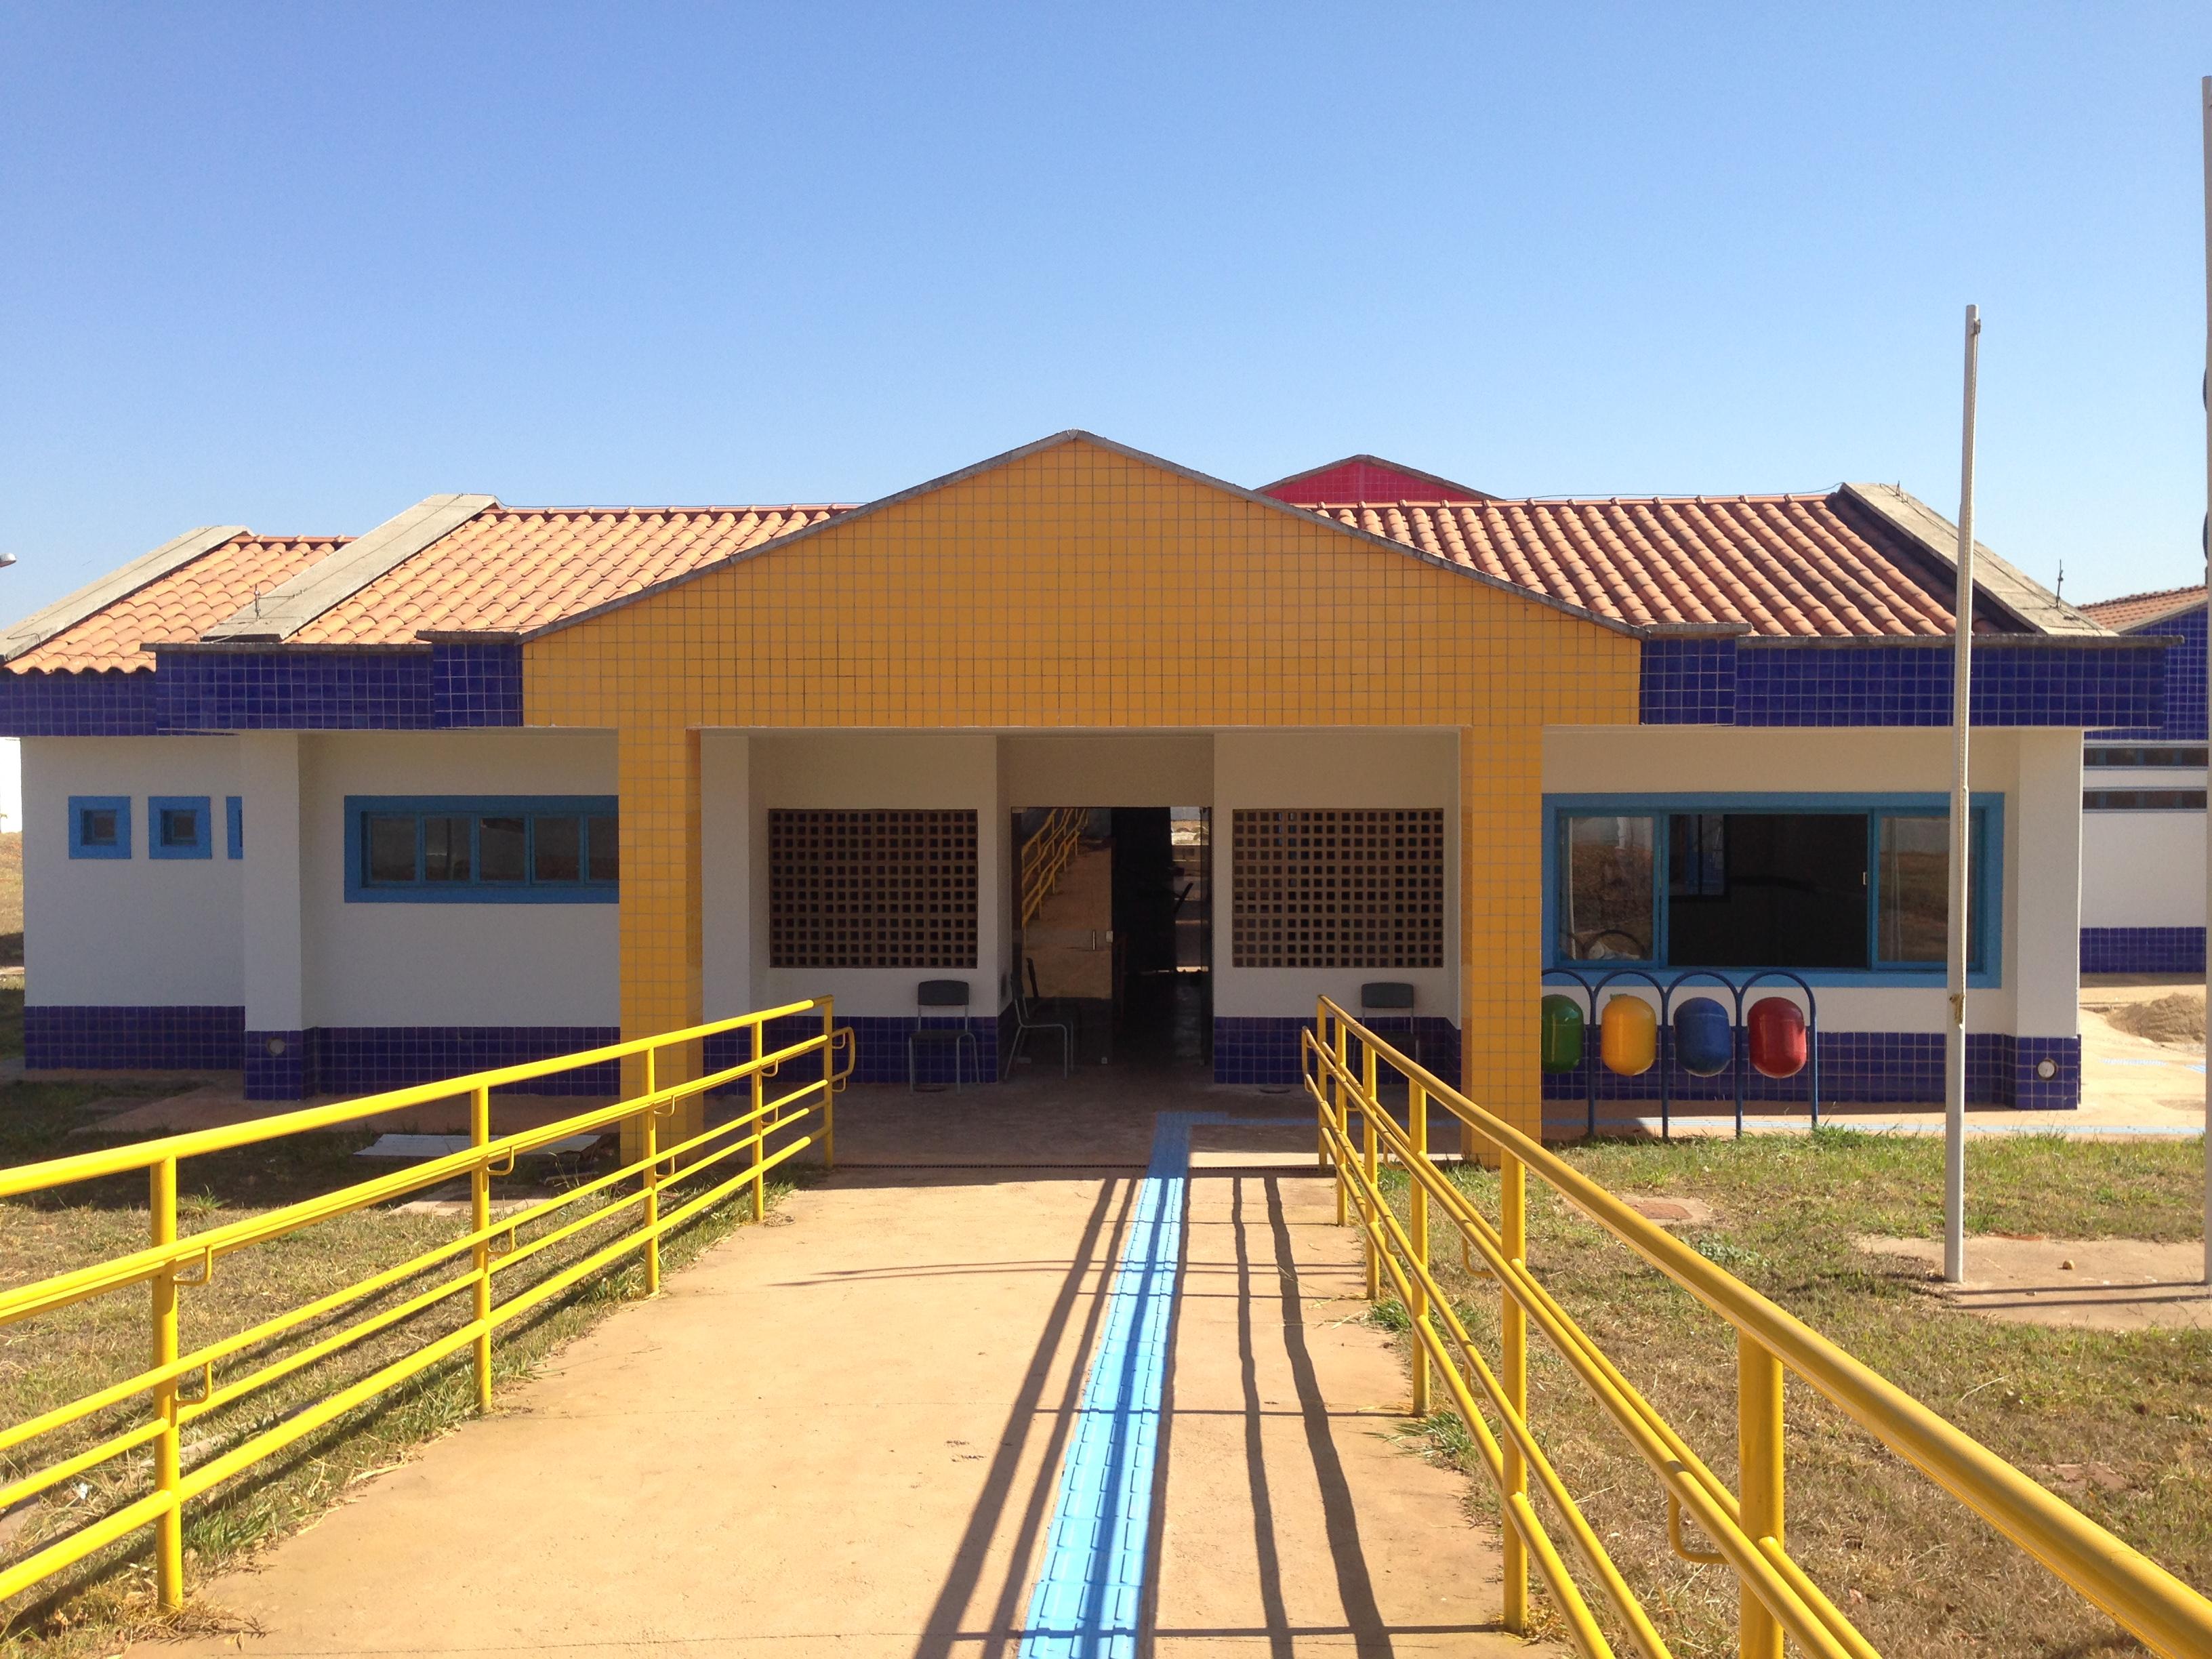 Implantado, em agosto/2017, o Centro de Educação da Primeira Infância - Cepi Rosa-do-Cerrado, localizado na QS 07, Lote 10 - Águas Claras. O centro é composto por 8 salas de aula, bloco de administração, bloco de serviços, 3 blocos pedagógicos, pátio coberto, anfiteatro e parquinho, com capacidade de atendimento a 150 crianças de 0 a 5 anos em período integral.